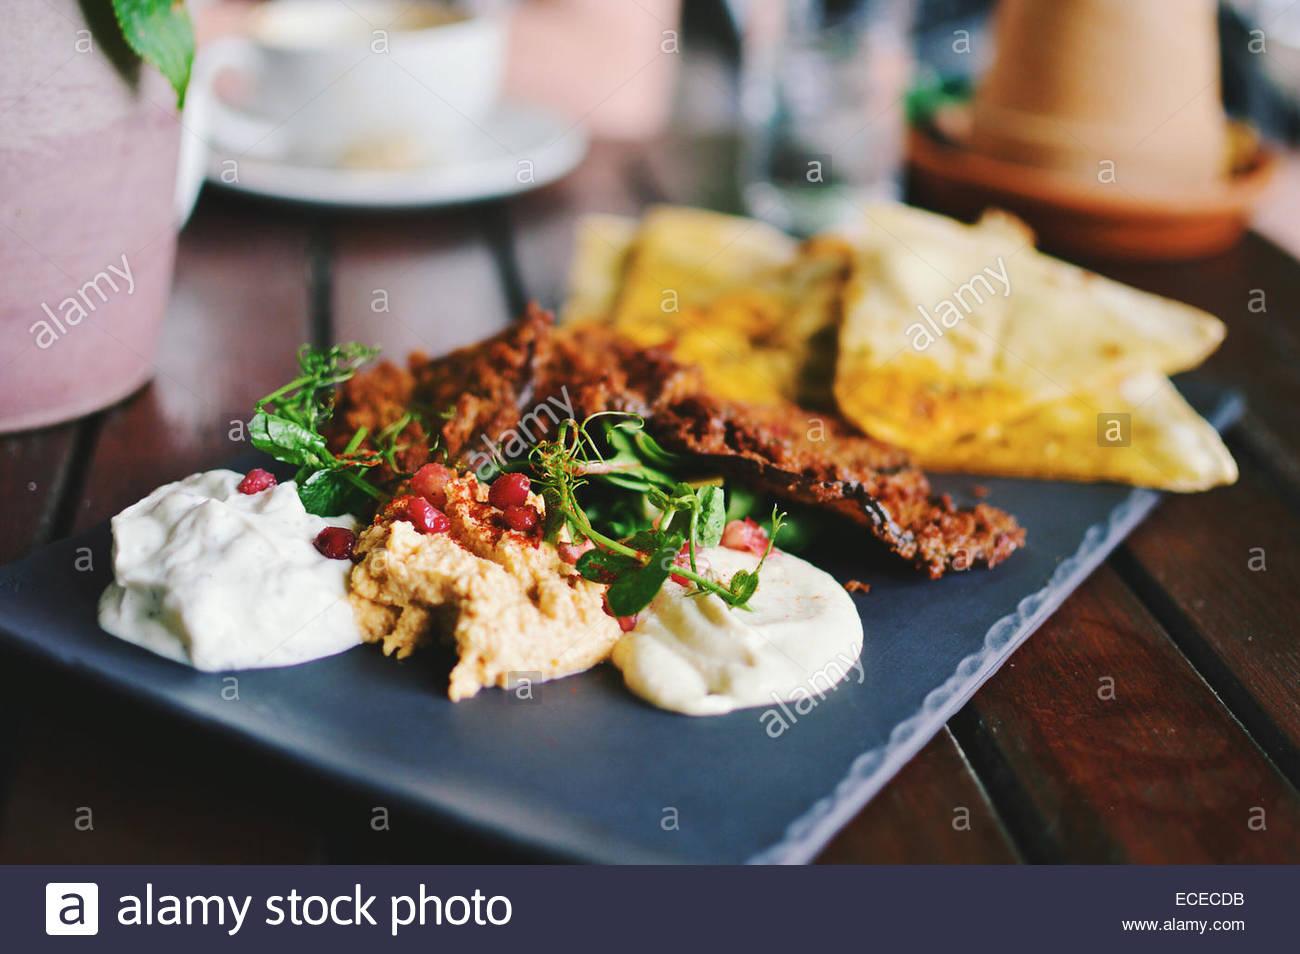 Mediterraneo mezze con pane piatto, hummus e melograno Immagini Stock